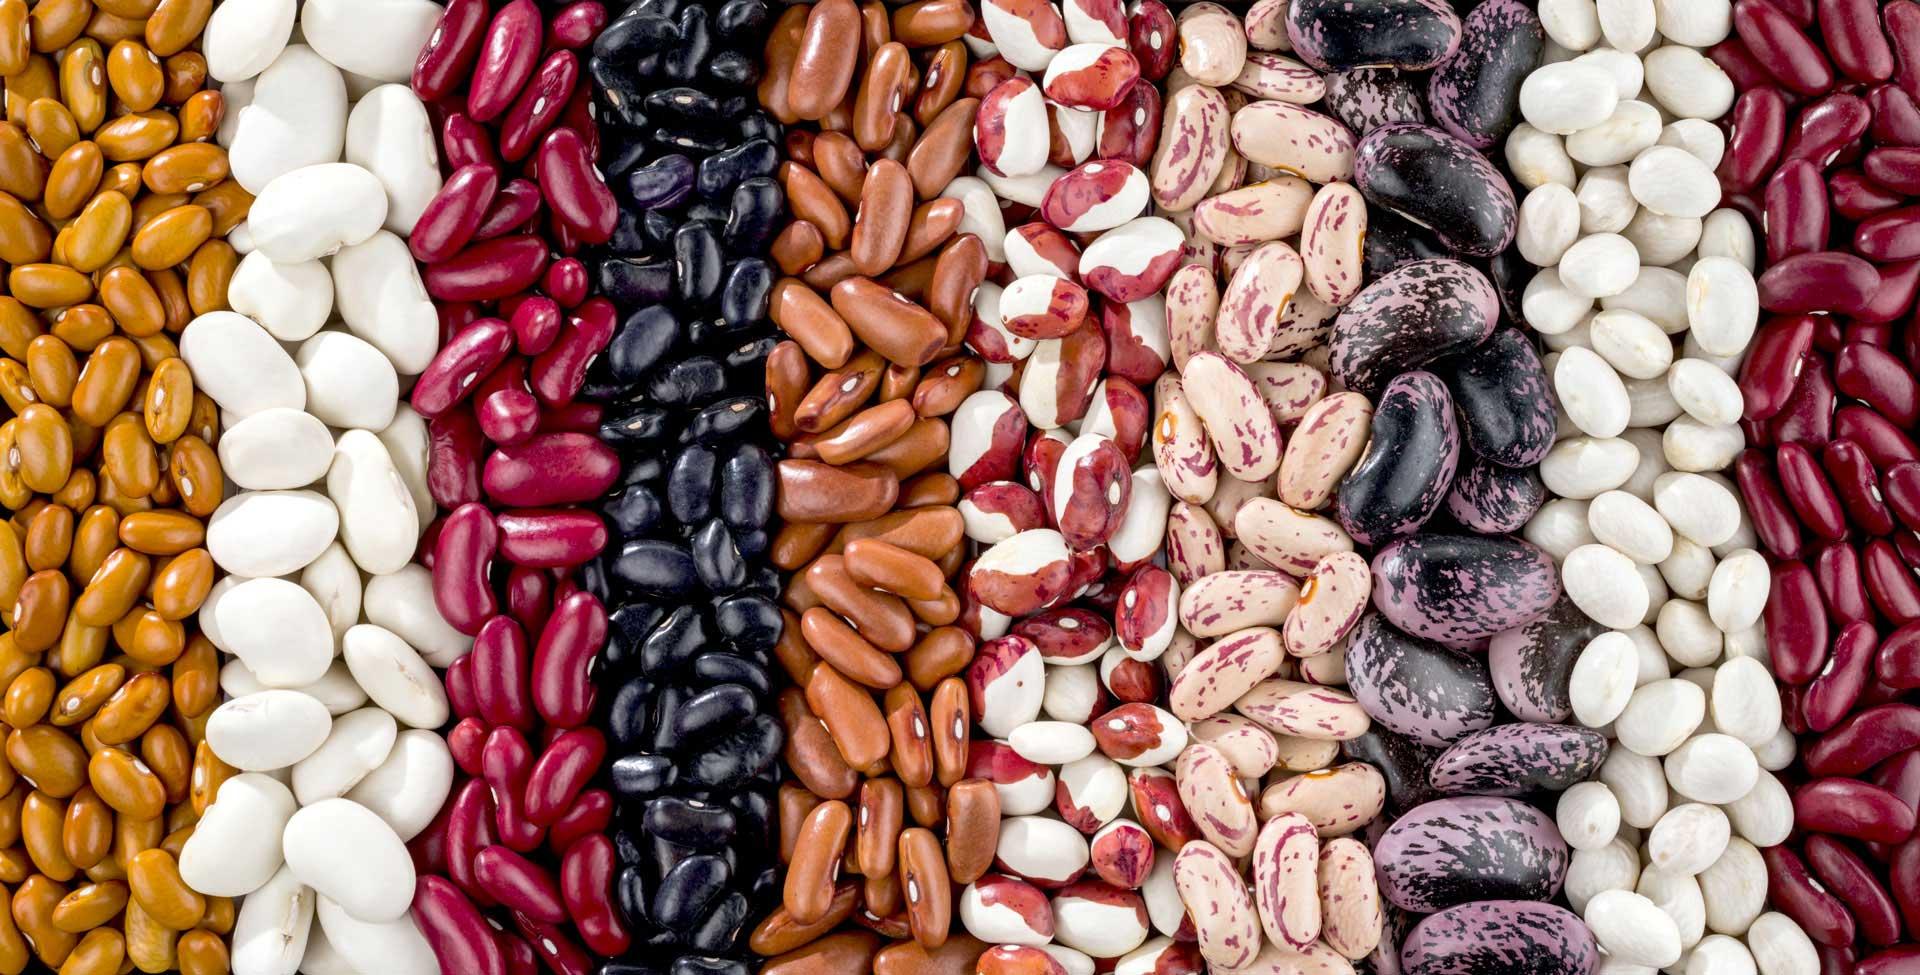 an assortment of beans